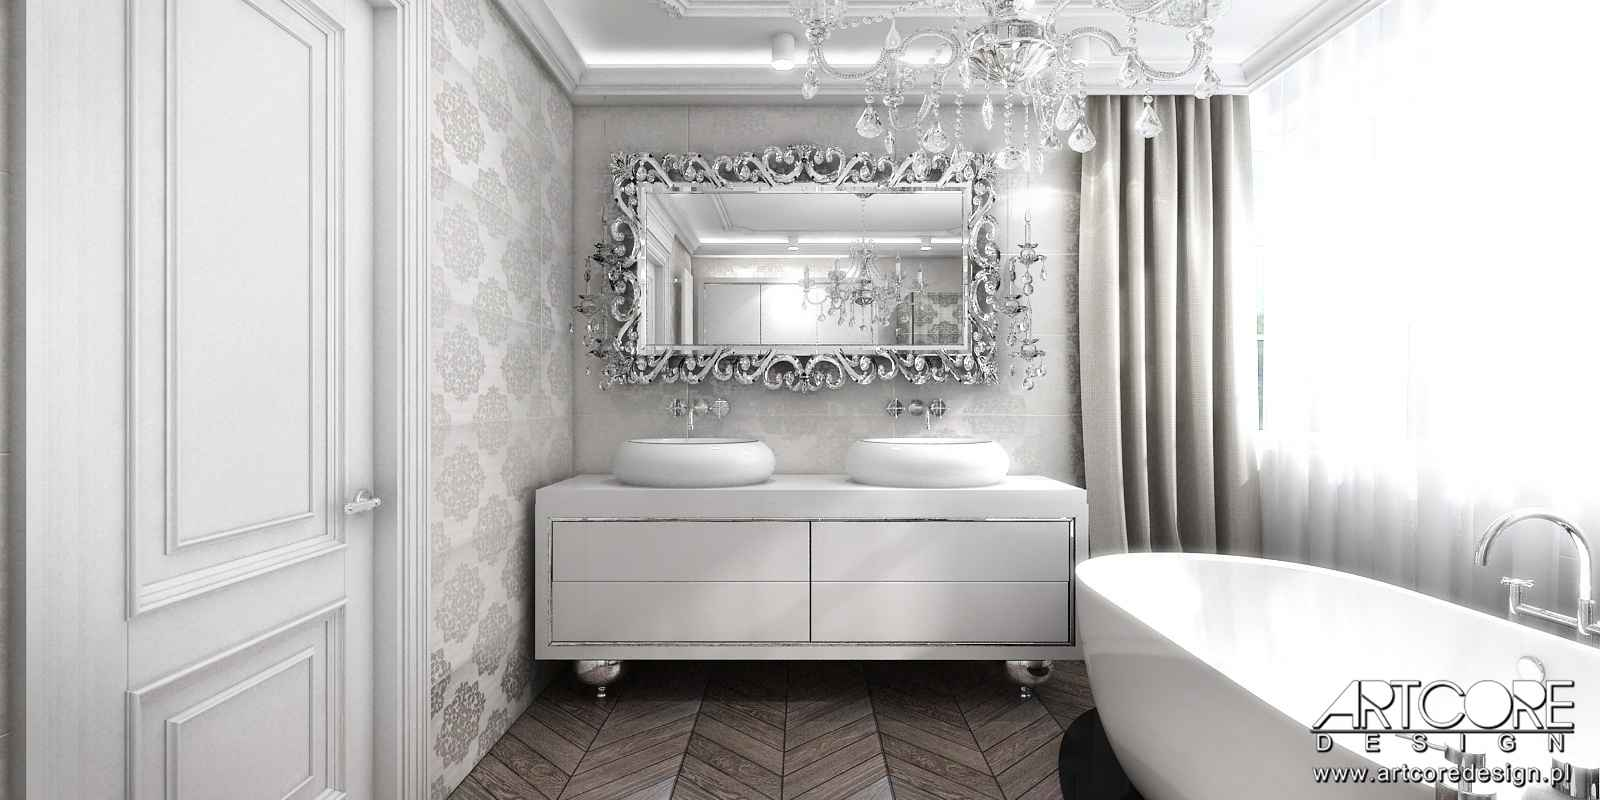 wystroj projektowanego wnętrza klasycznej łazienki w warszawie